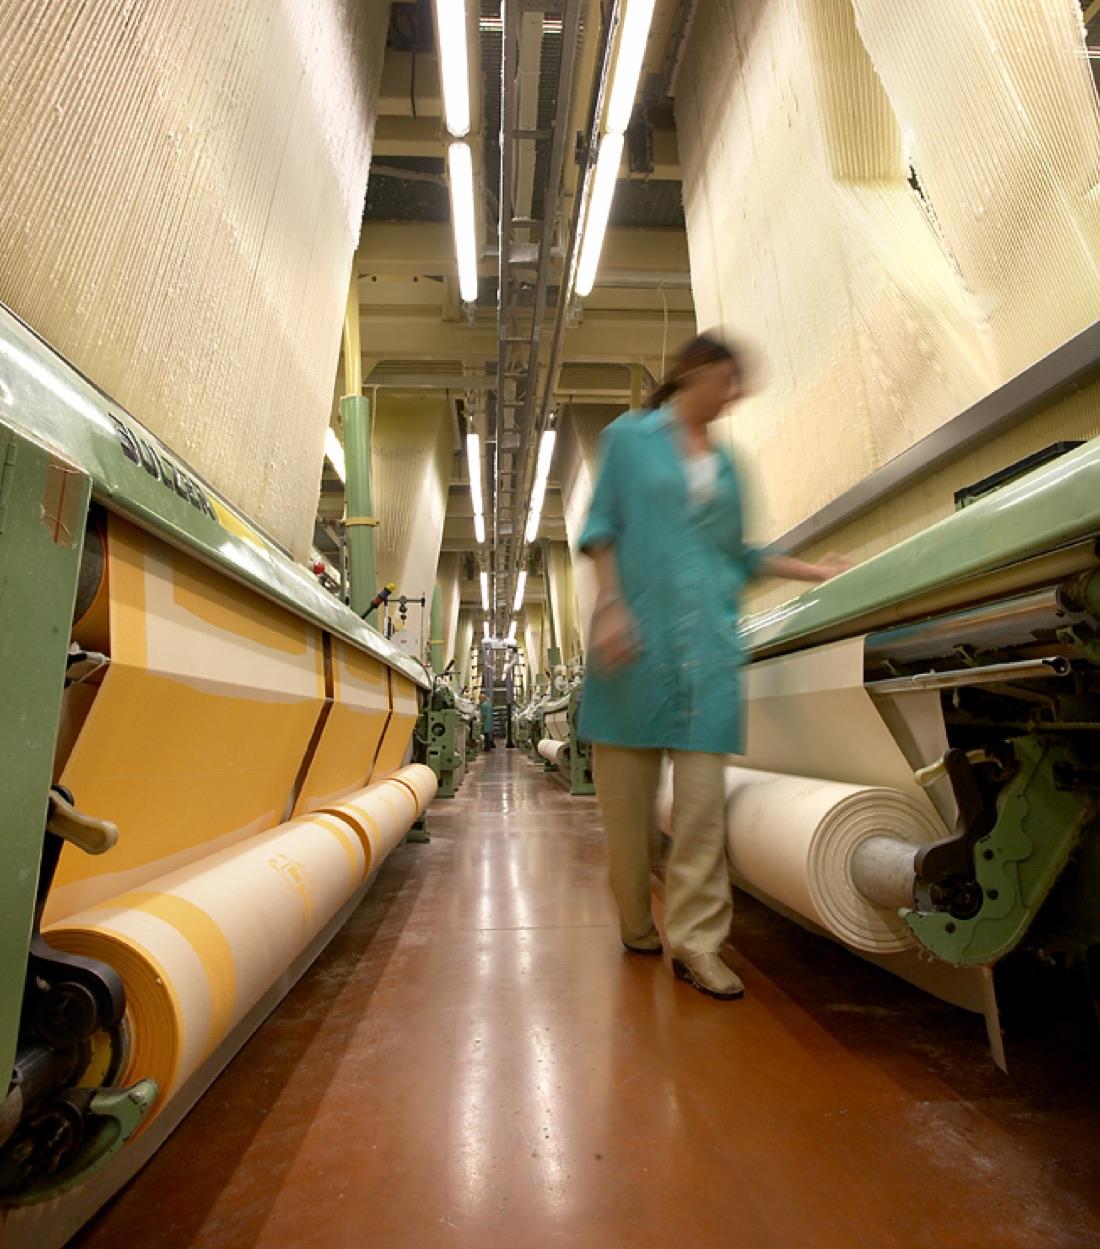 Rivolta Carmignani manifattura il servizio la sostenibilità